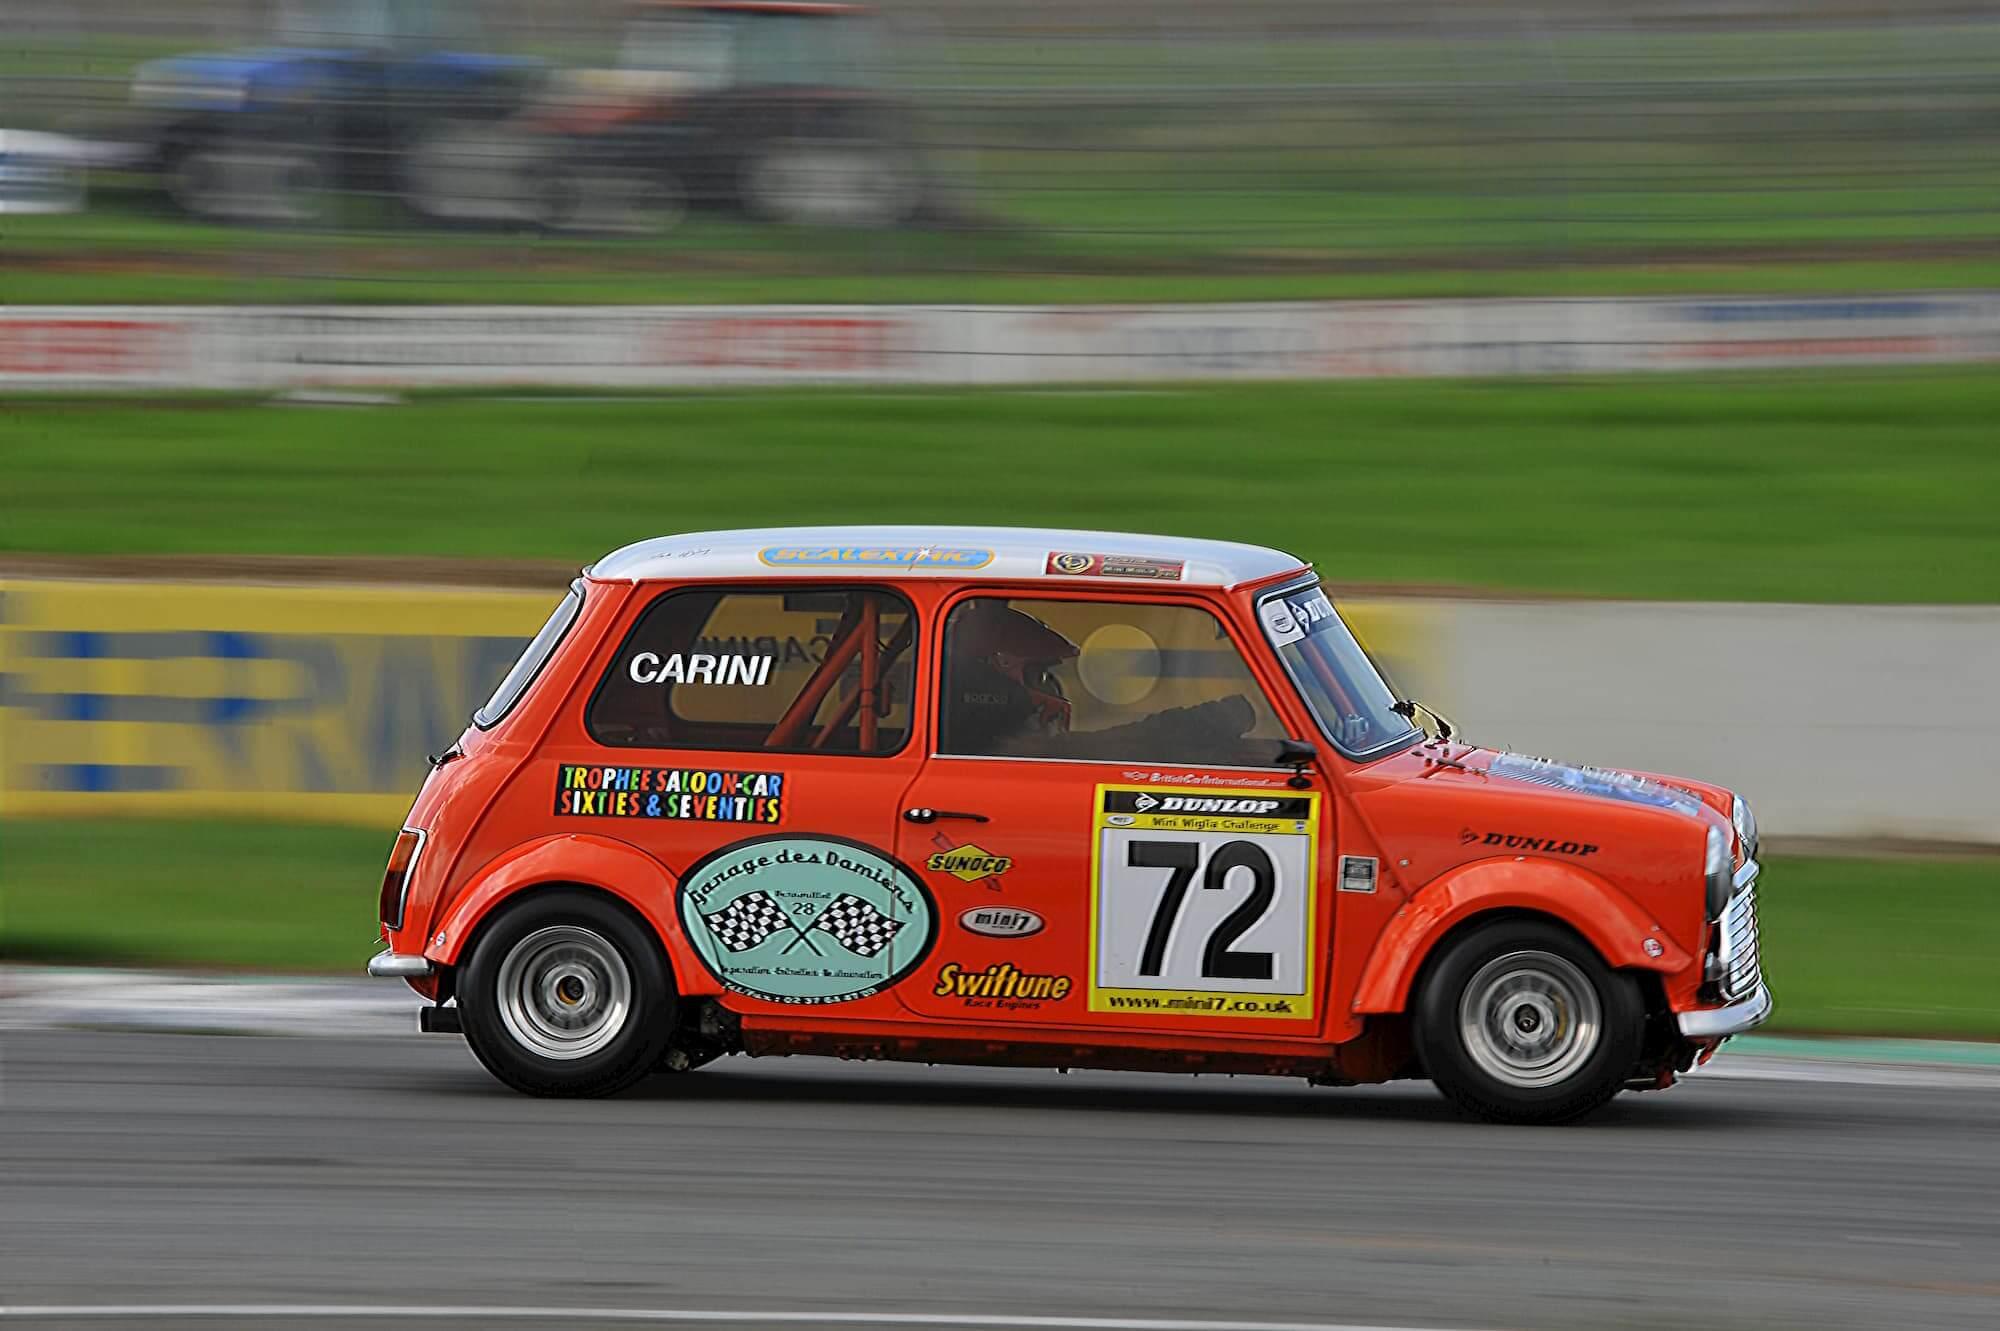 Trophée Saloon Car Sixties - Grégory Carini en course dans la mini austin 1460cc